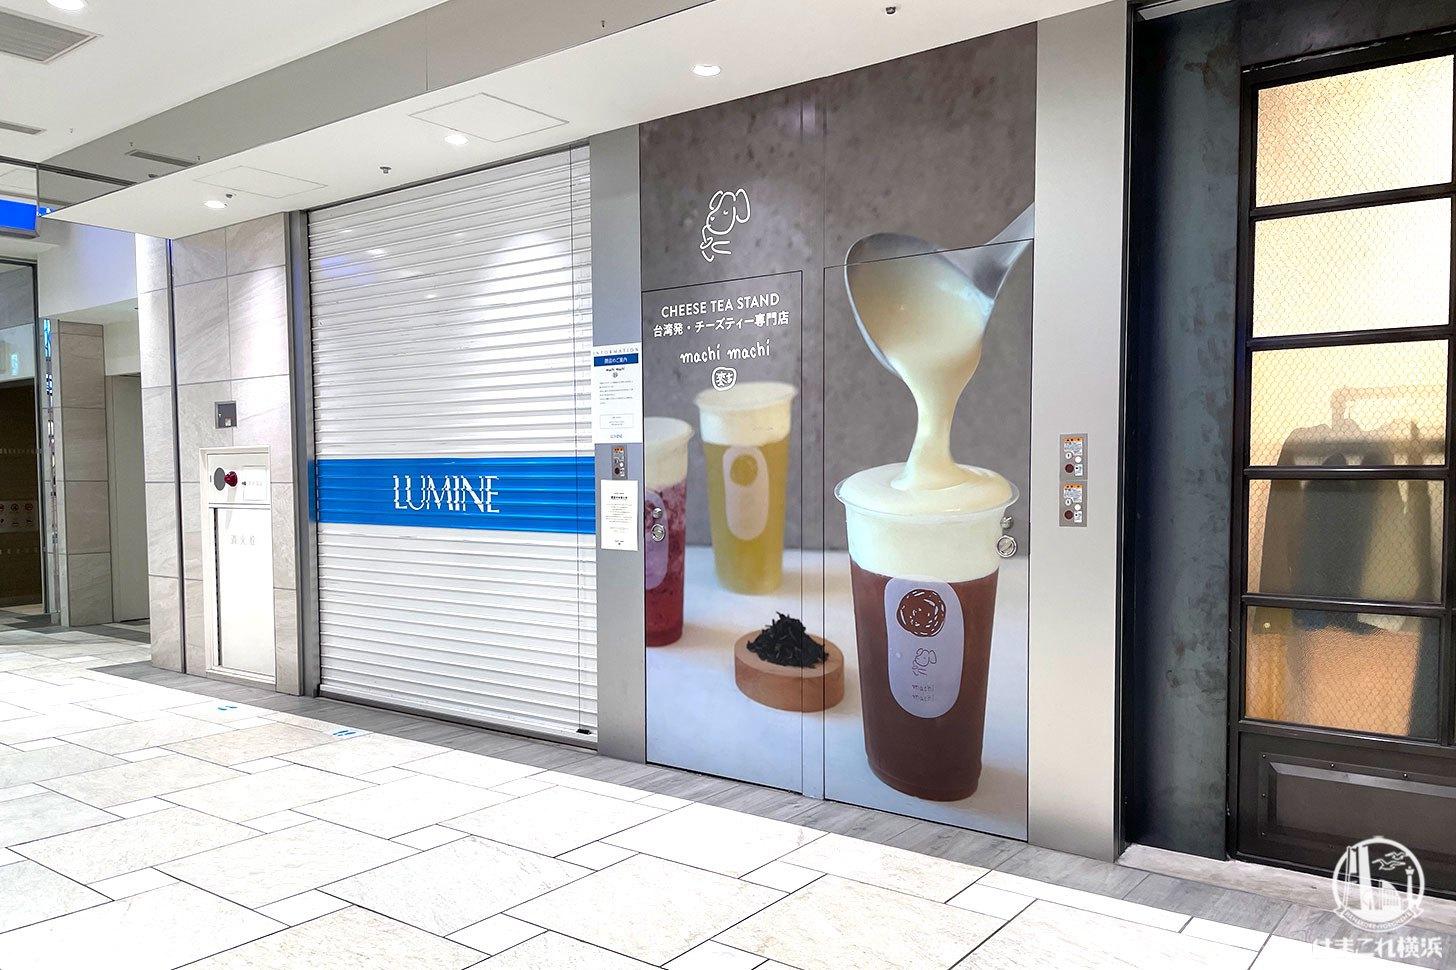 チーズティー専門店「マチマチ」ルミネ横浜店など全店舗が2021年2月28日に閉店